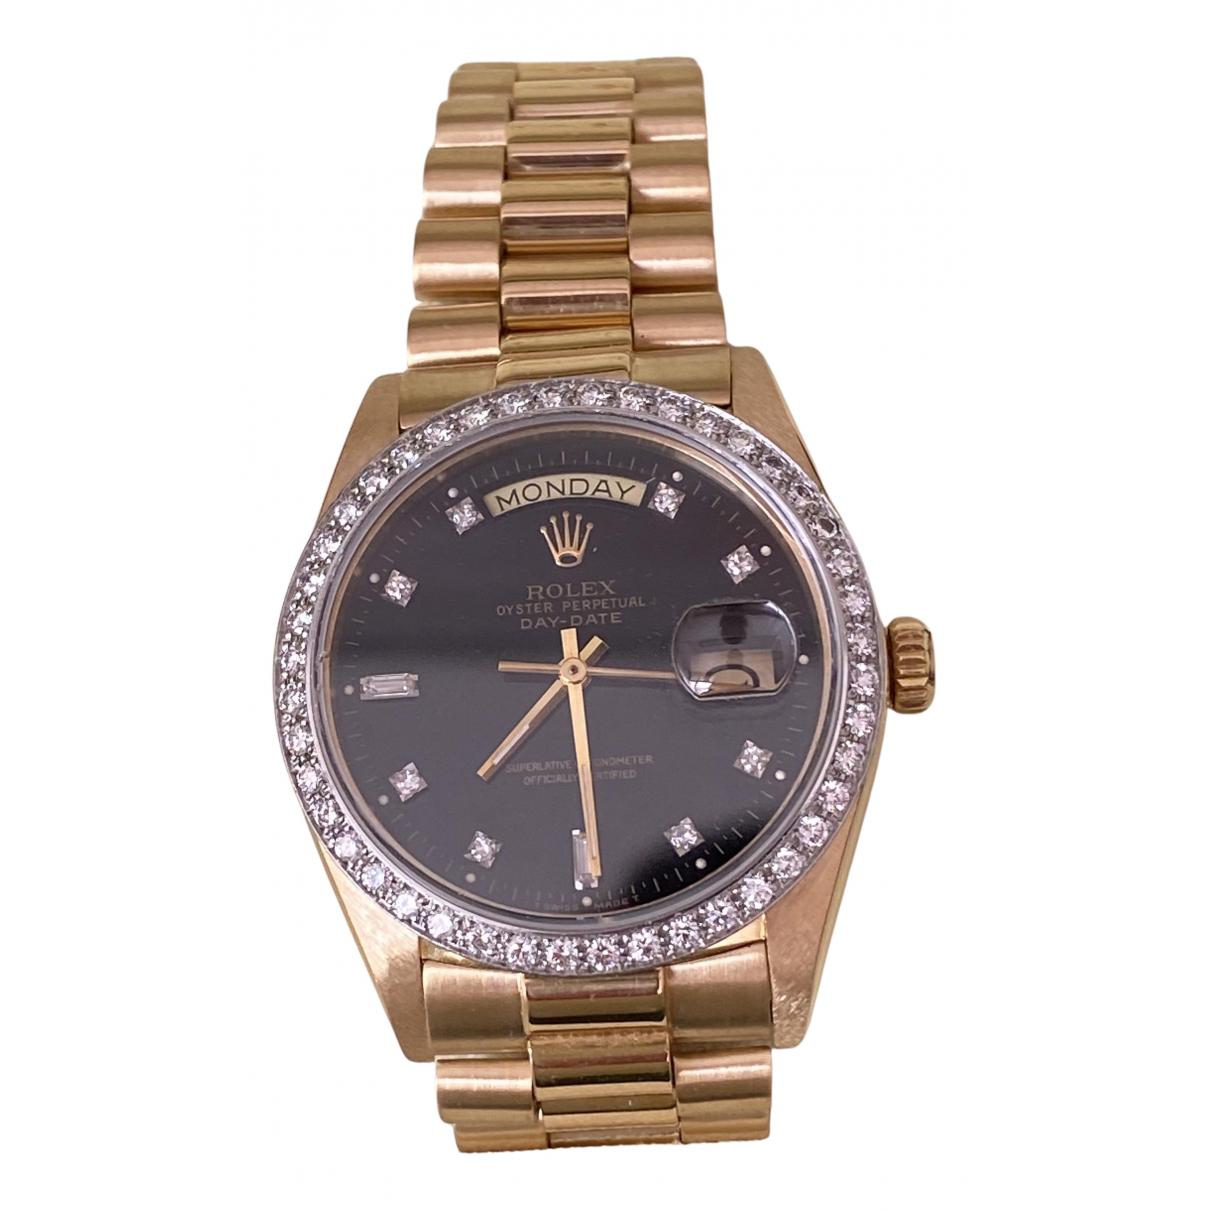 Rolex Day-Date 36mm Uhr in  Schwarz Gelbgold